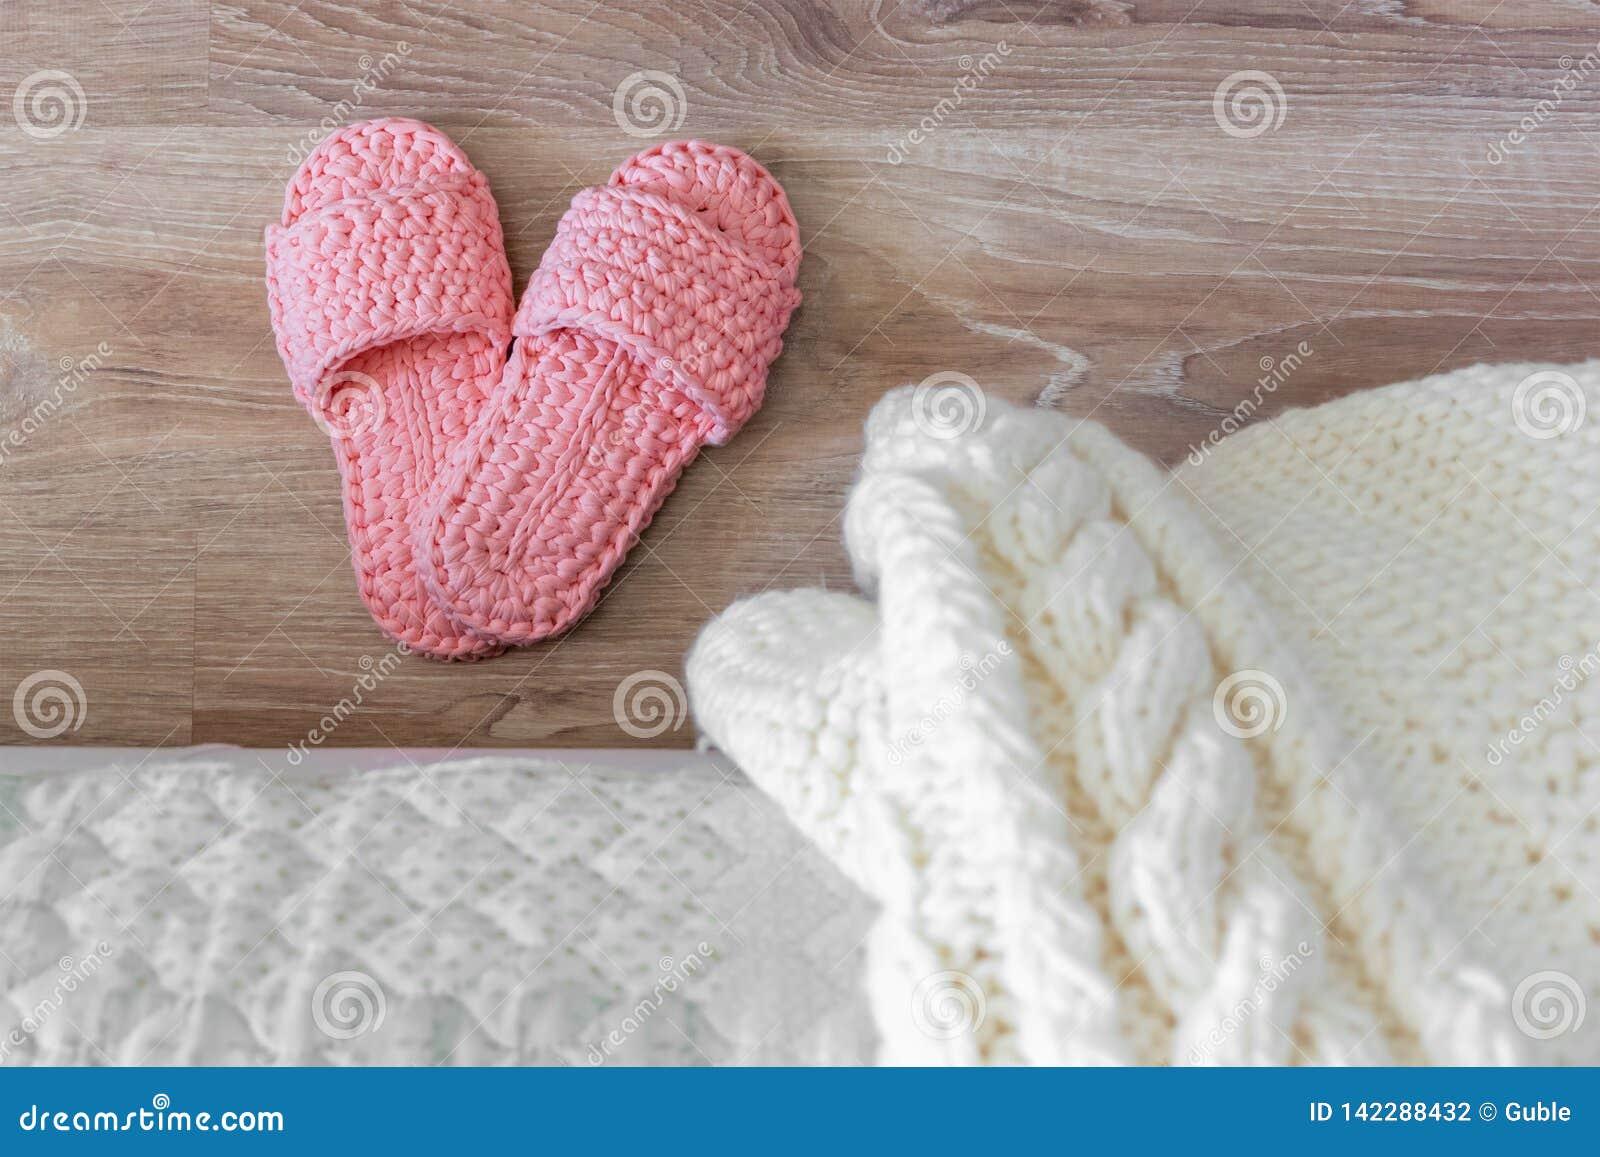 Тапочки связанного белого покрывала и розовых женщин около кровати